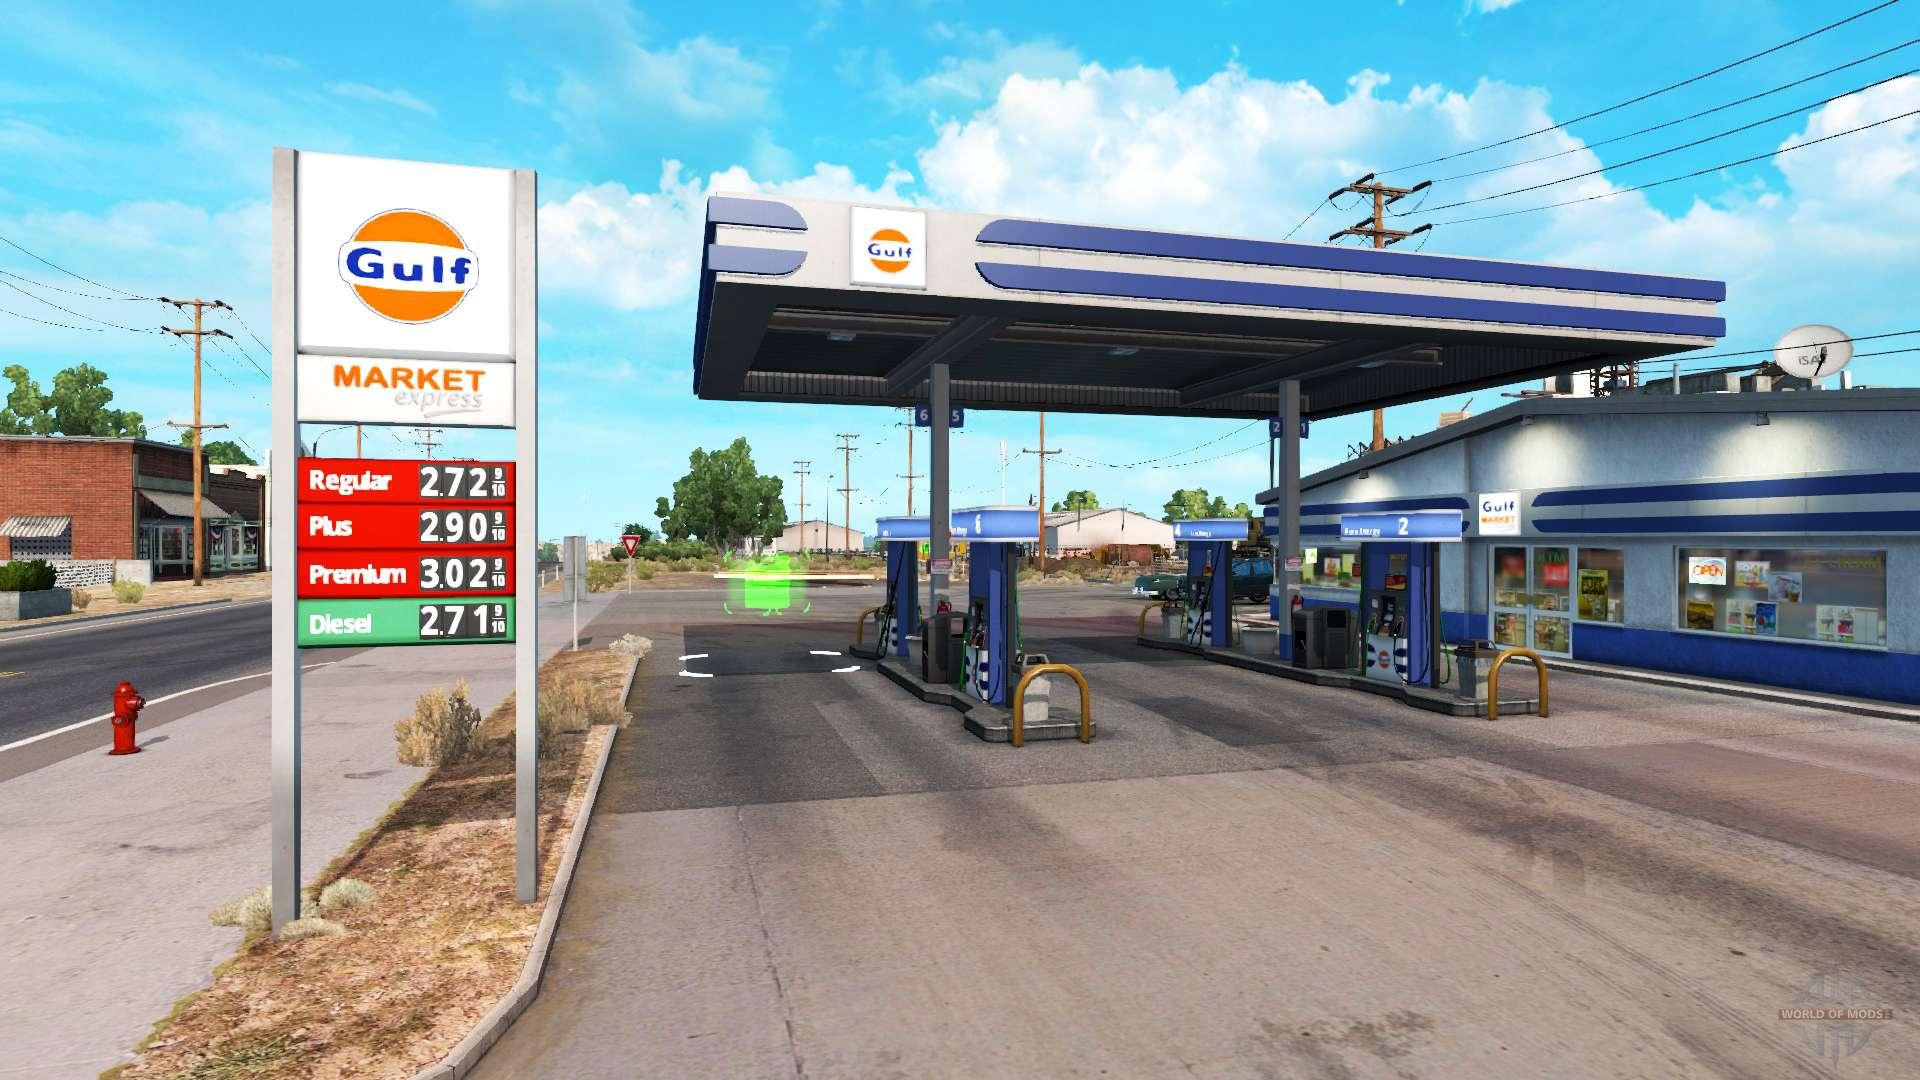 Réel de la station de gaz pour American Truck Simulator